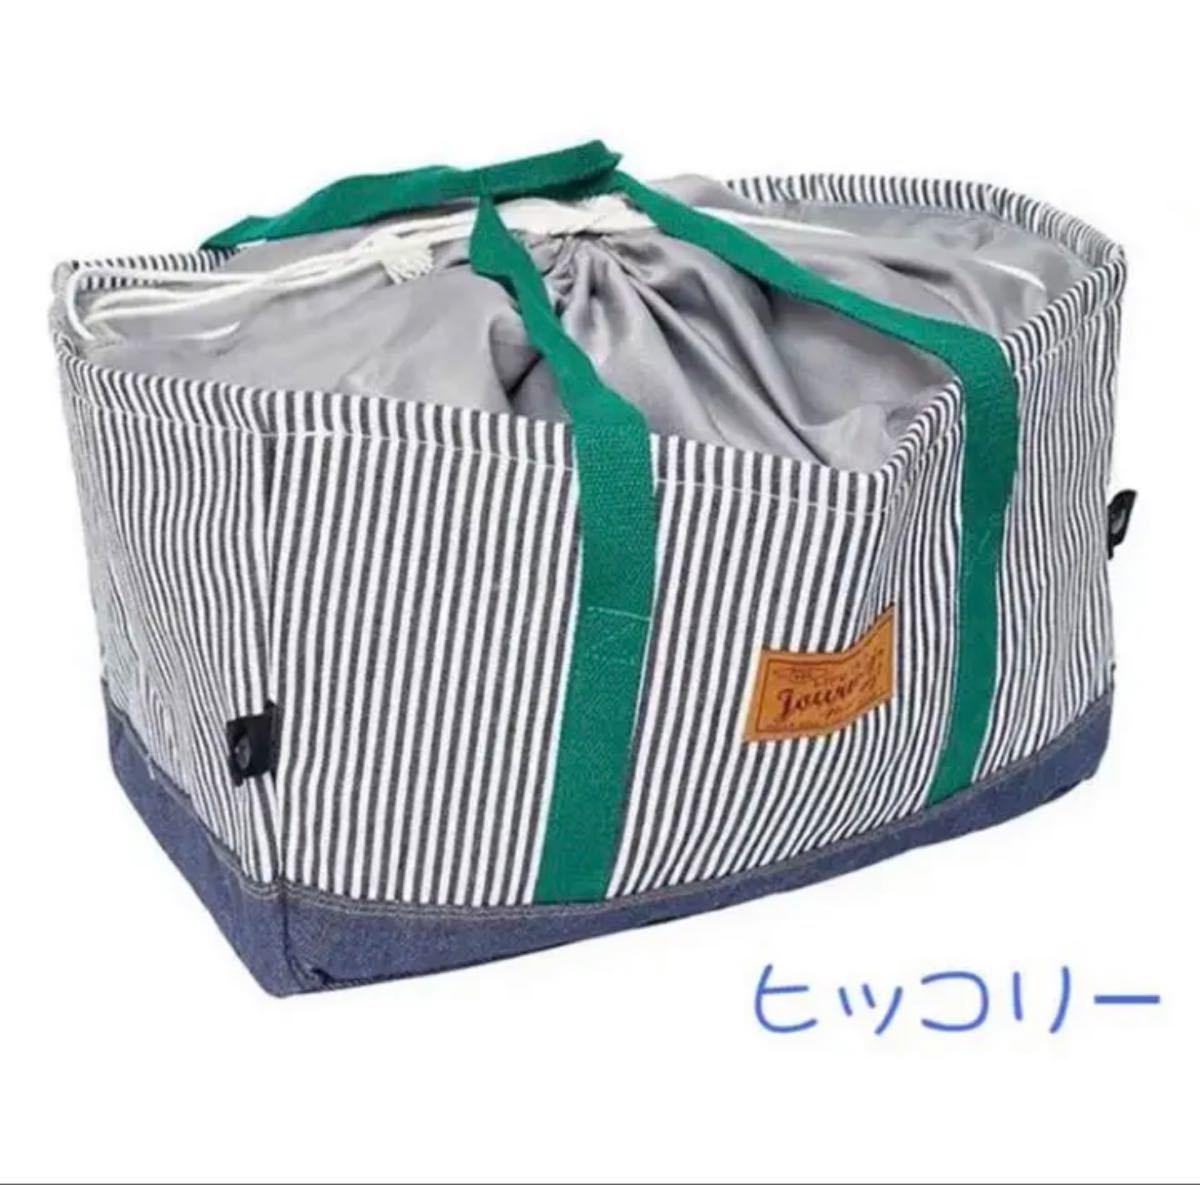 エコバッグ 保冷バッグ ショッピングバッグ ヒッコリー レジカゴバッグ